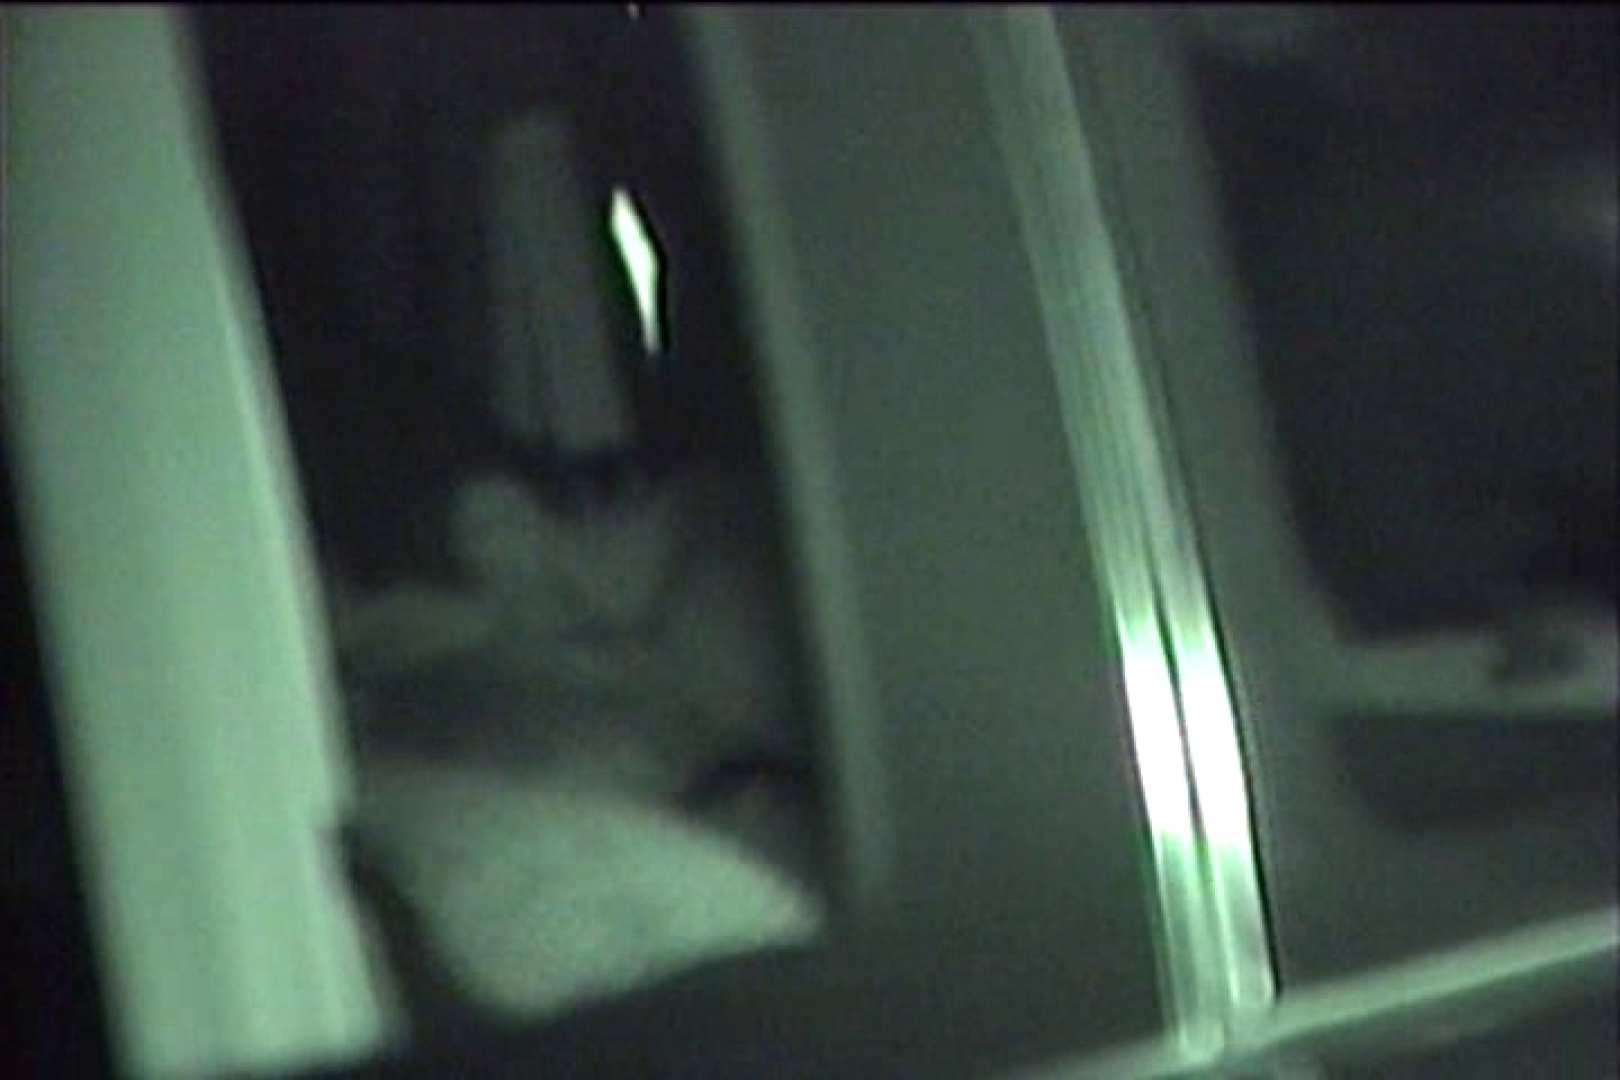 車の中はラブホテル 無修正版  Vol.16 エロいOL エロ画像 96枚